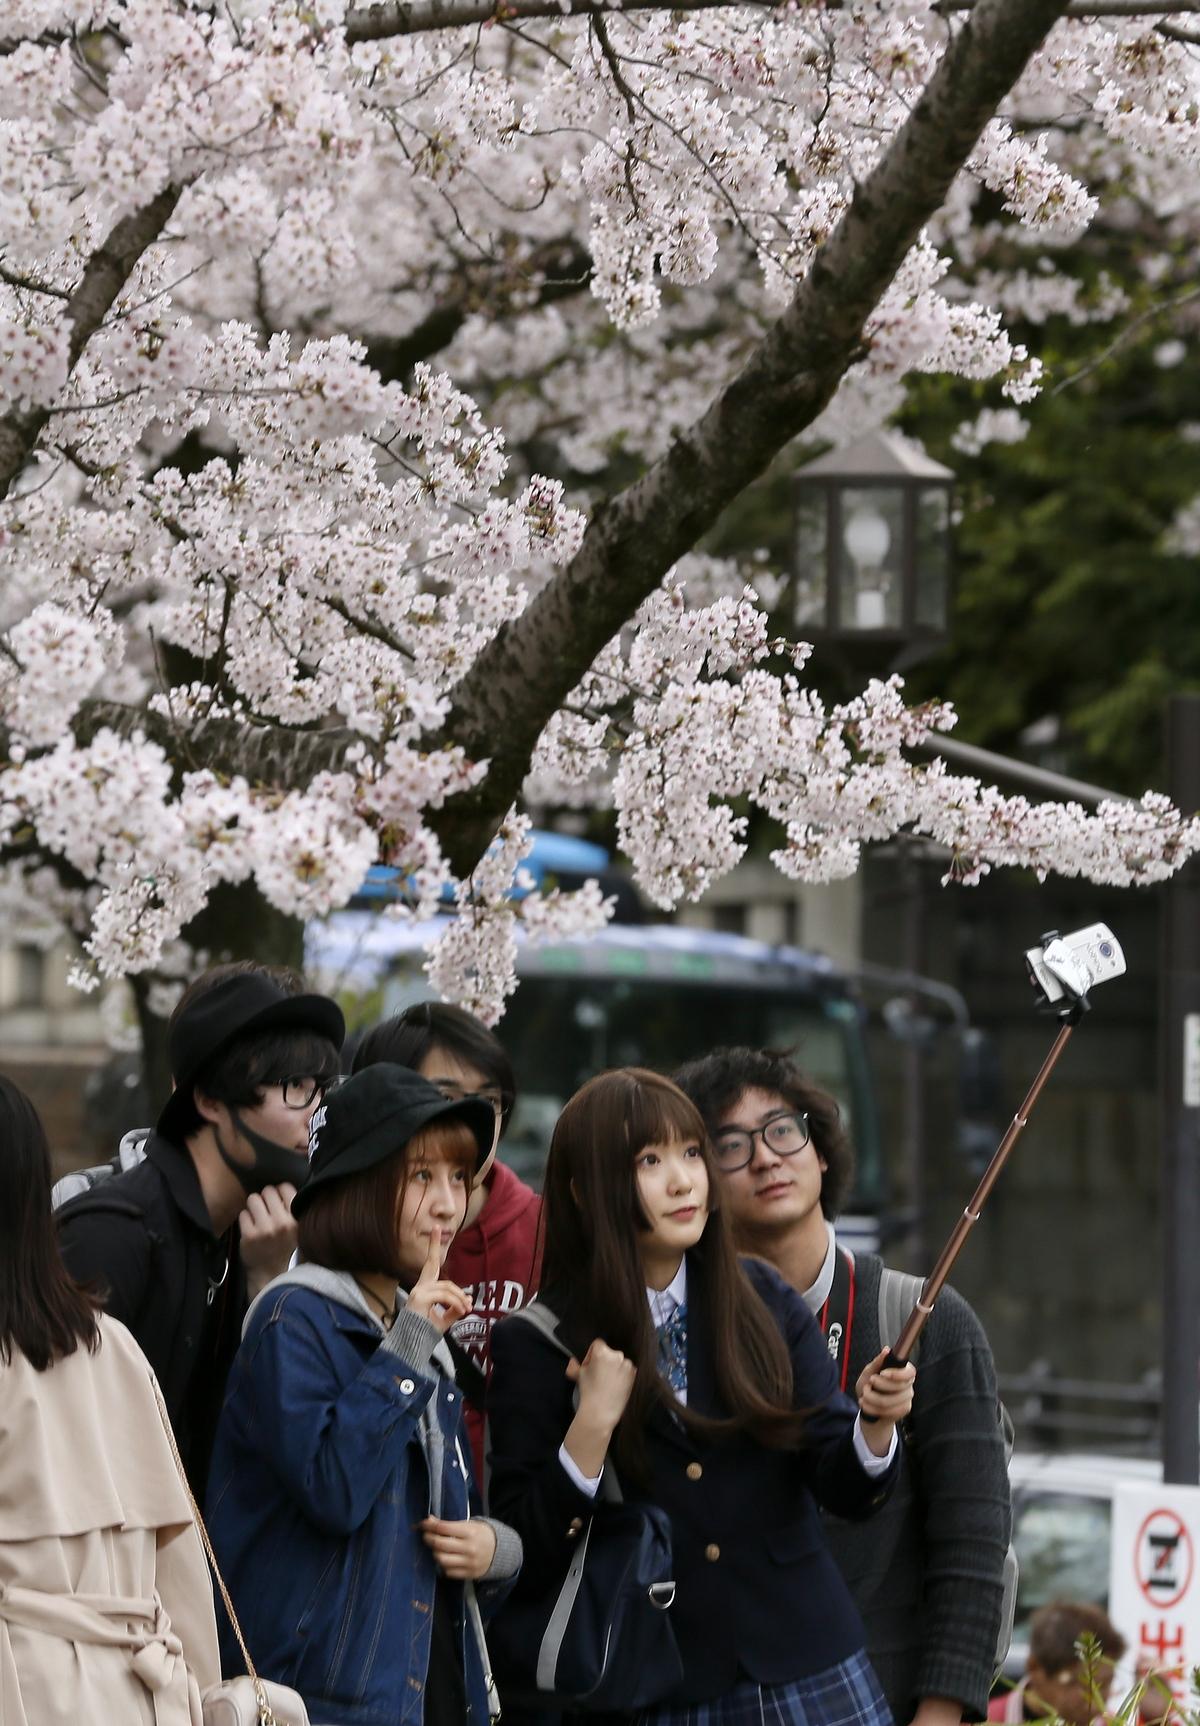 საკურა ტოკიოში - აყვავბული ალუბლების ფონზე სელფენს იღებენ. 06.04.2017 ფოტო: EPA/KIMIMASA MAYAMA